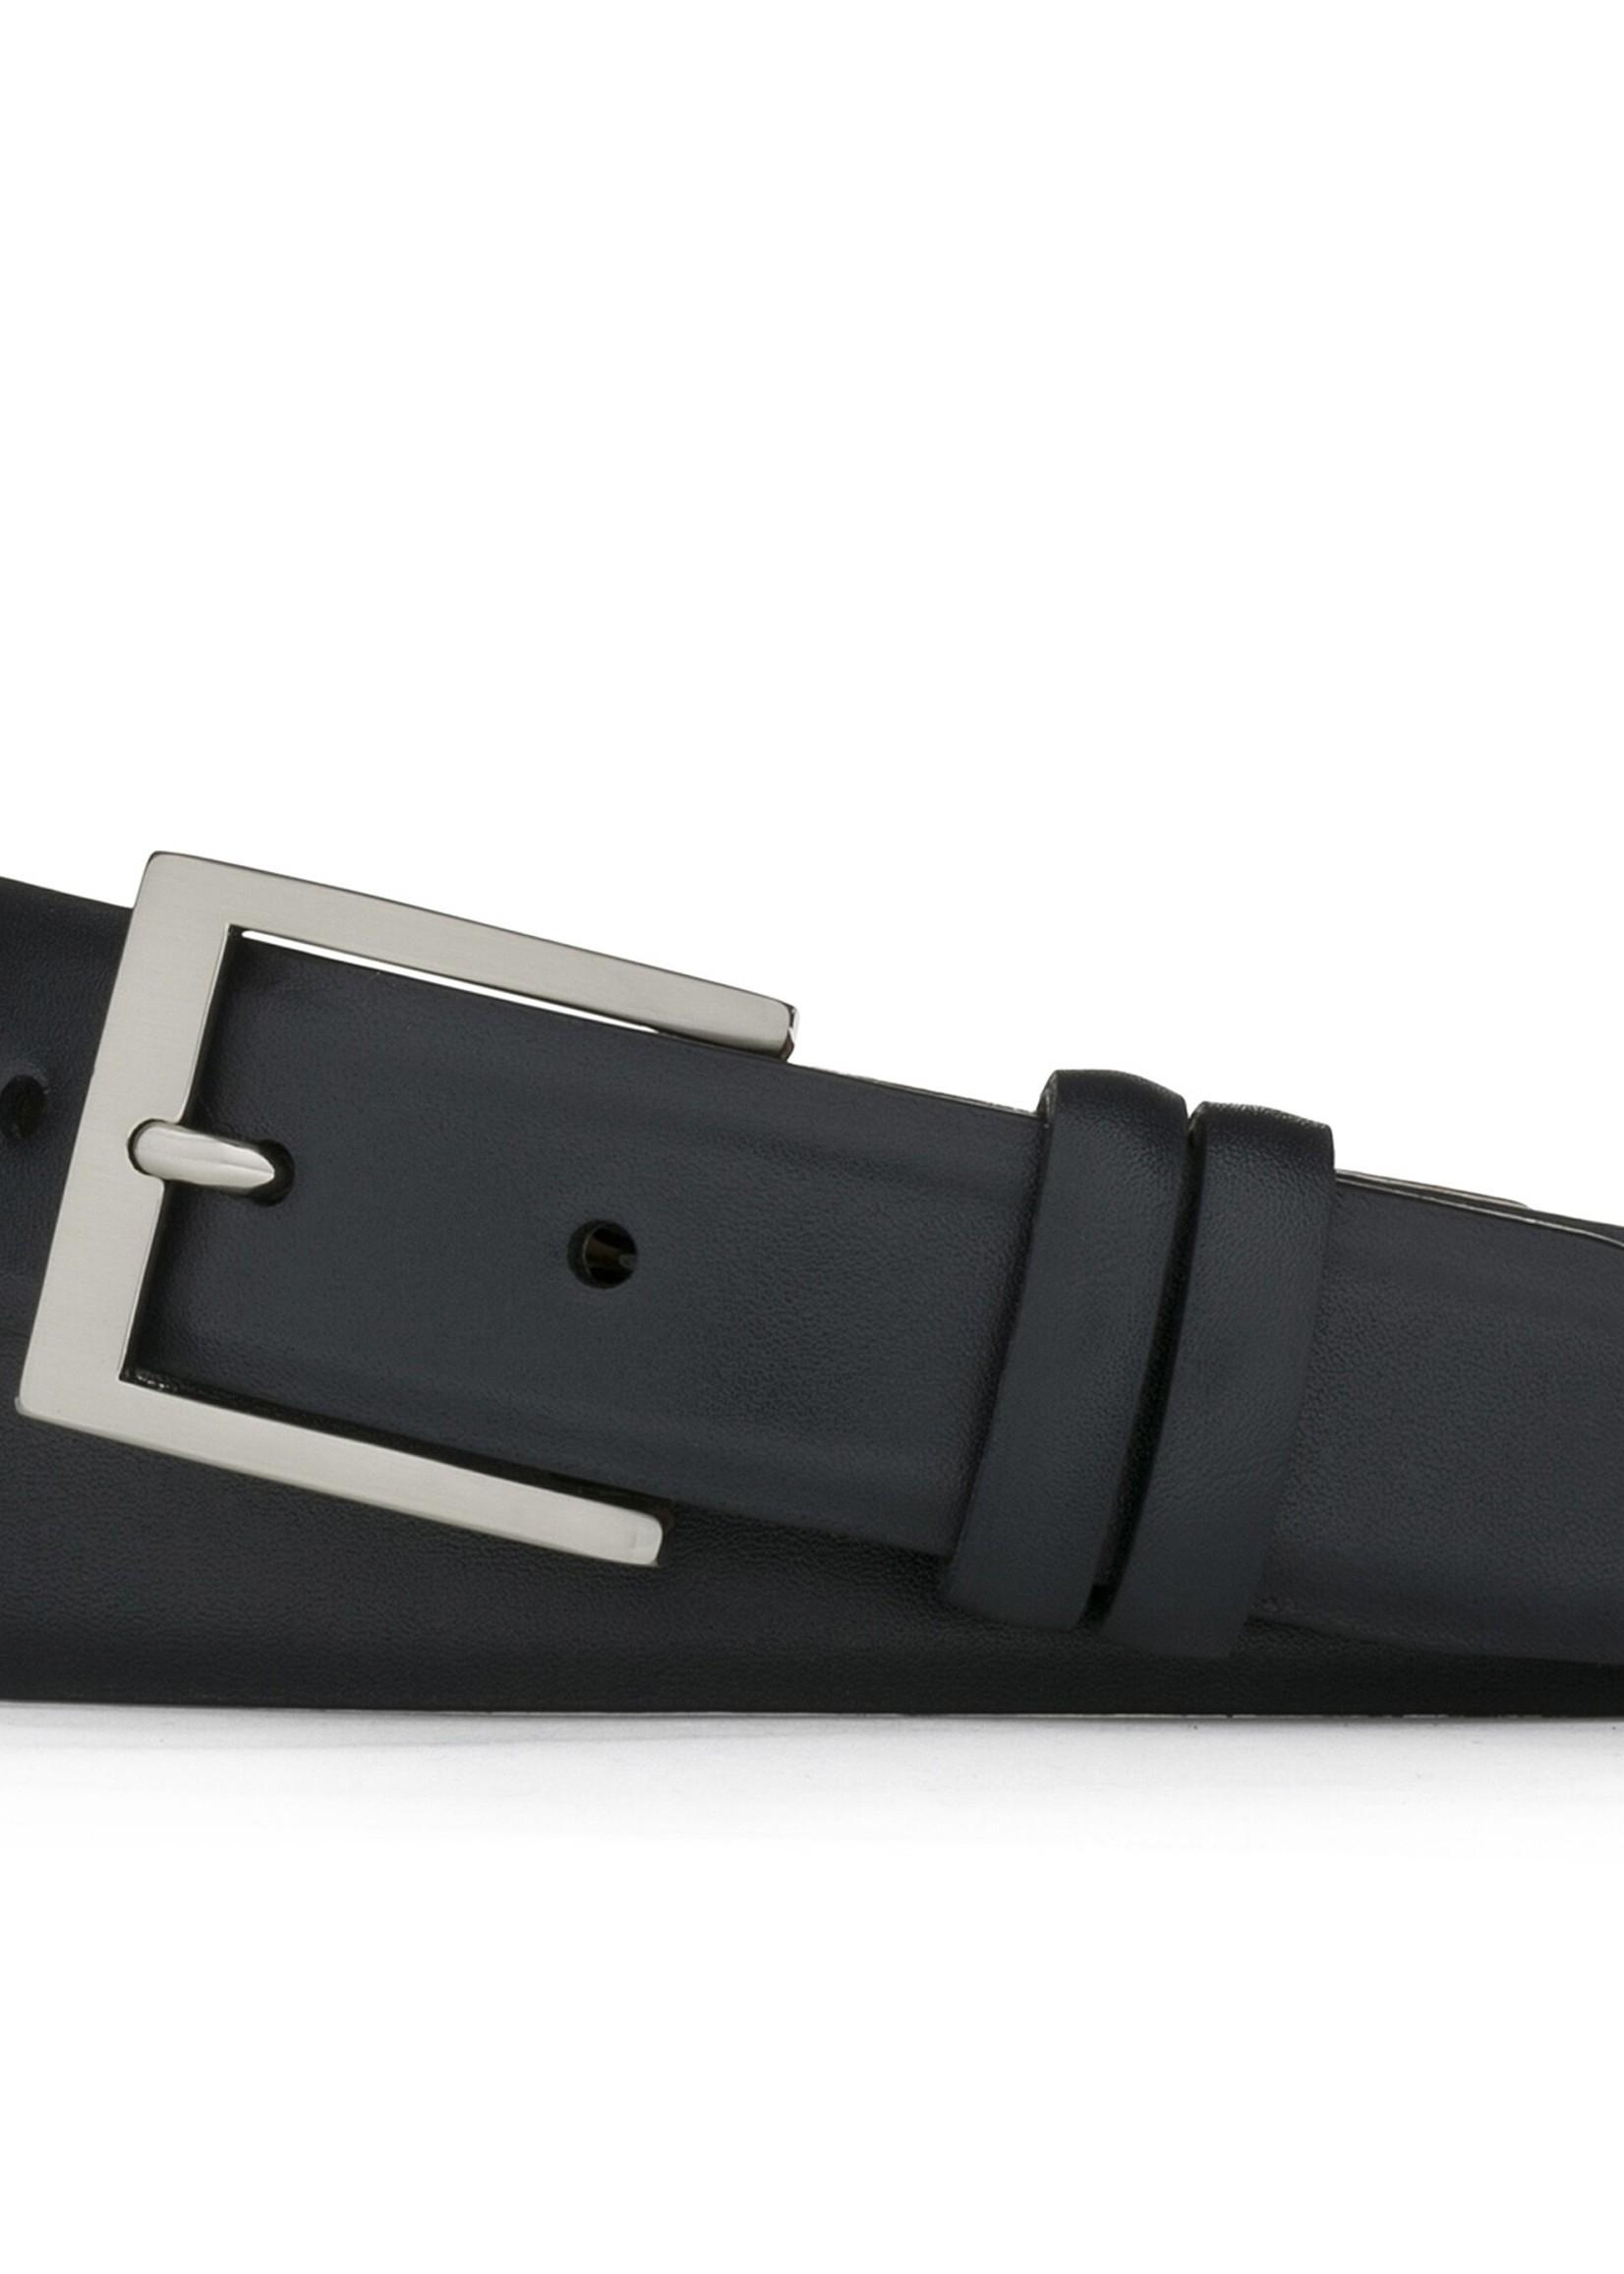 W. Kleinberg Black Dress Belt by W. Kleinberg